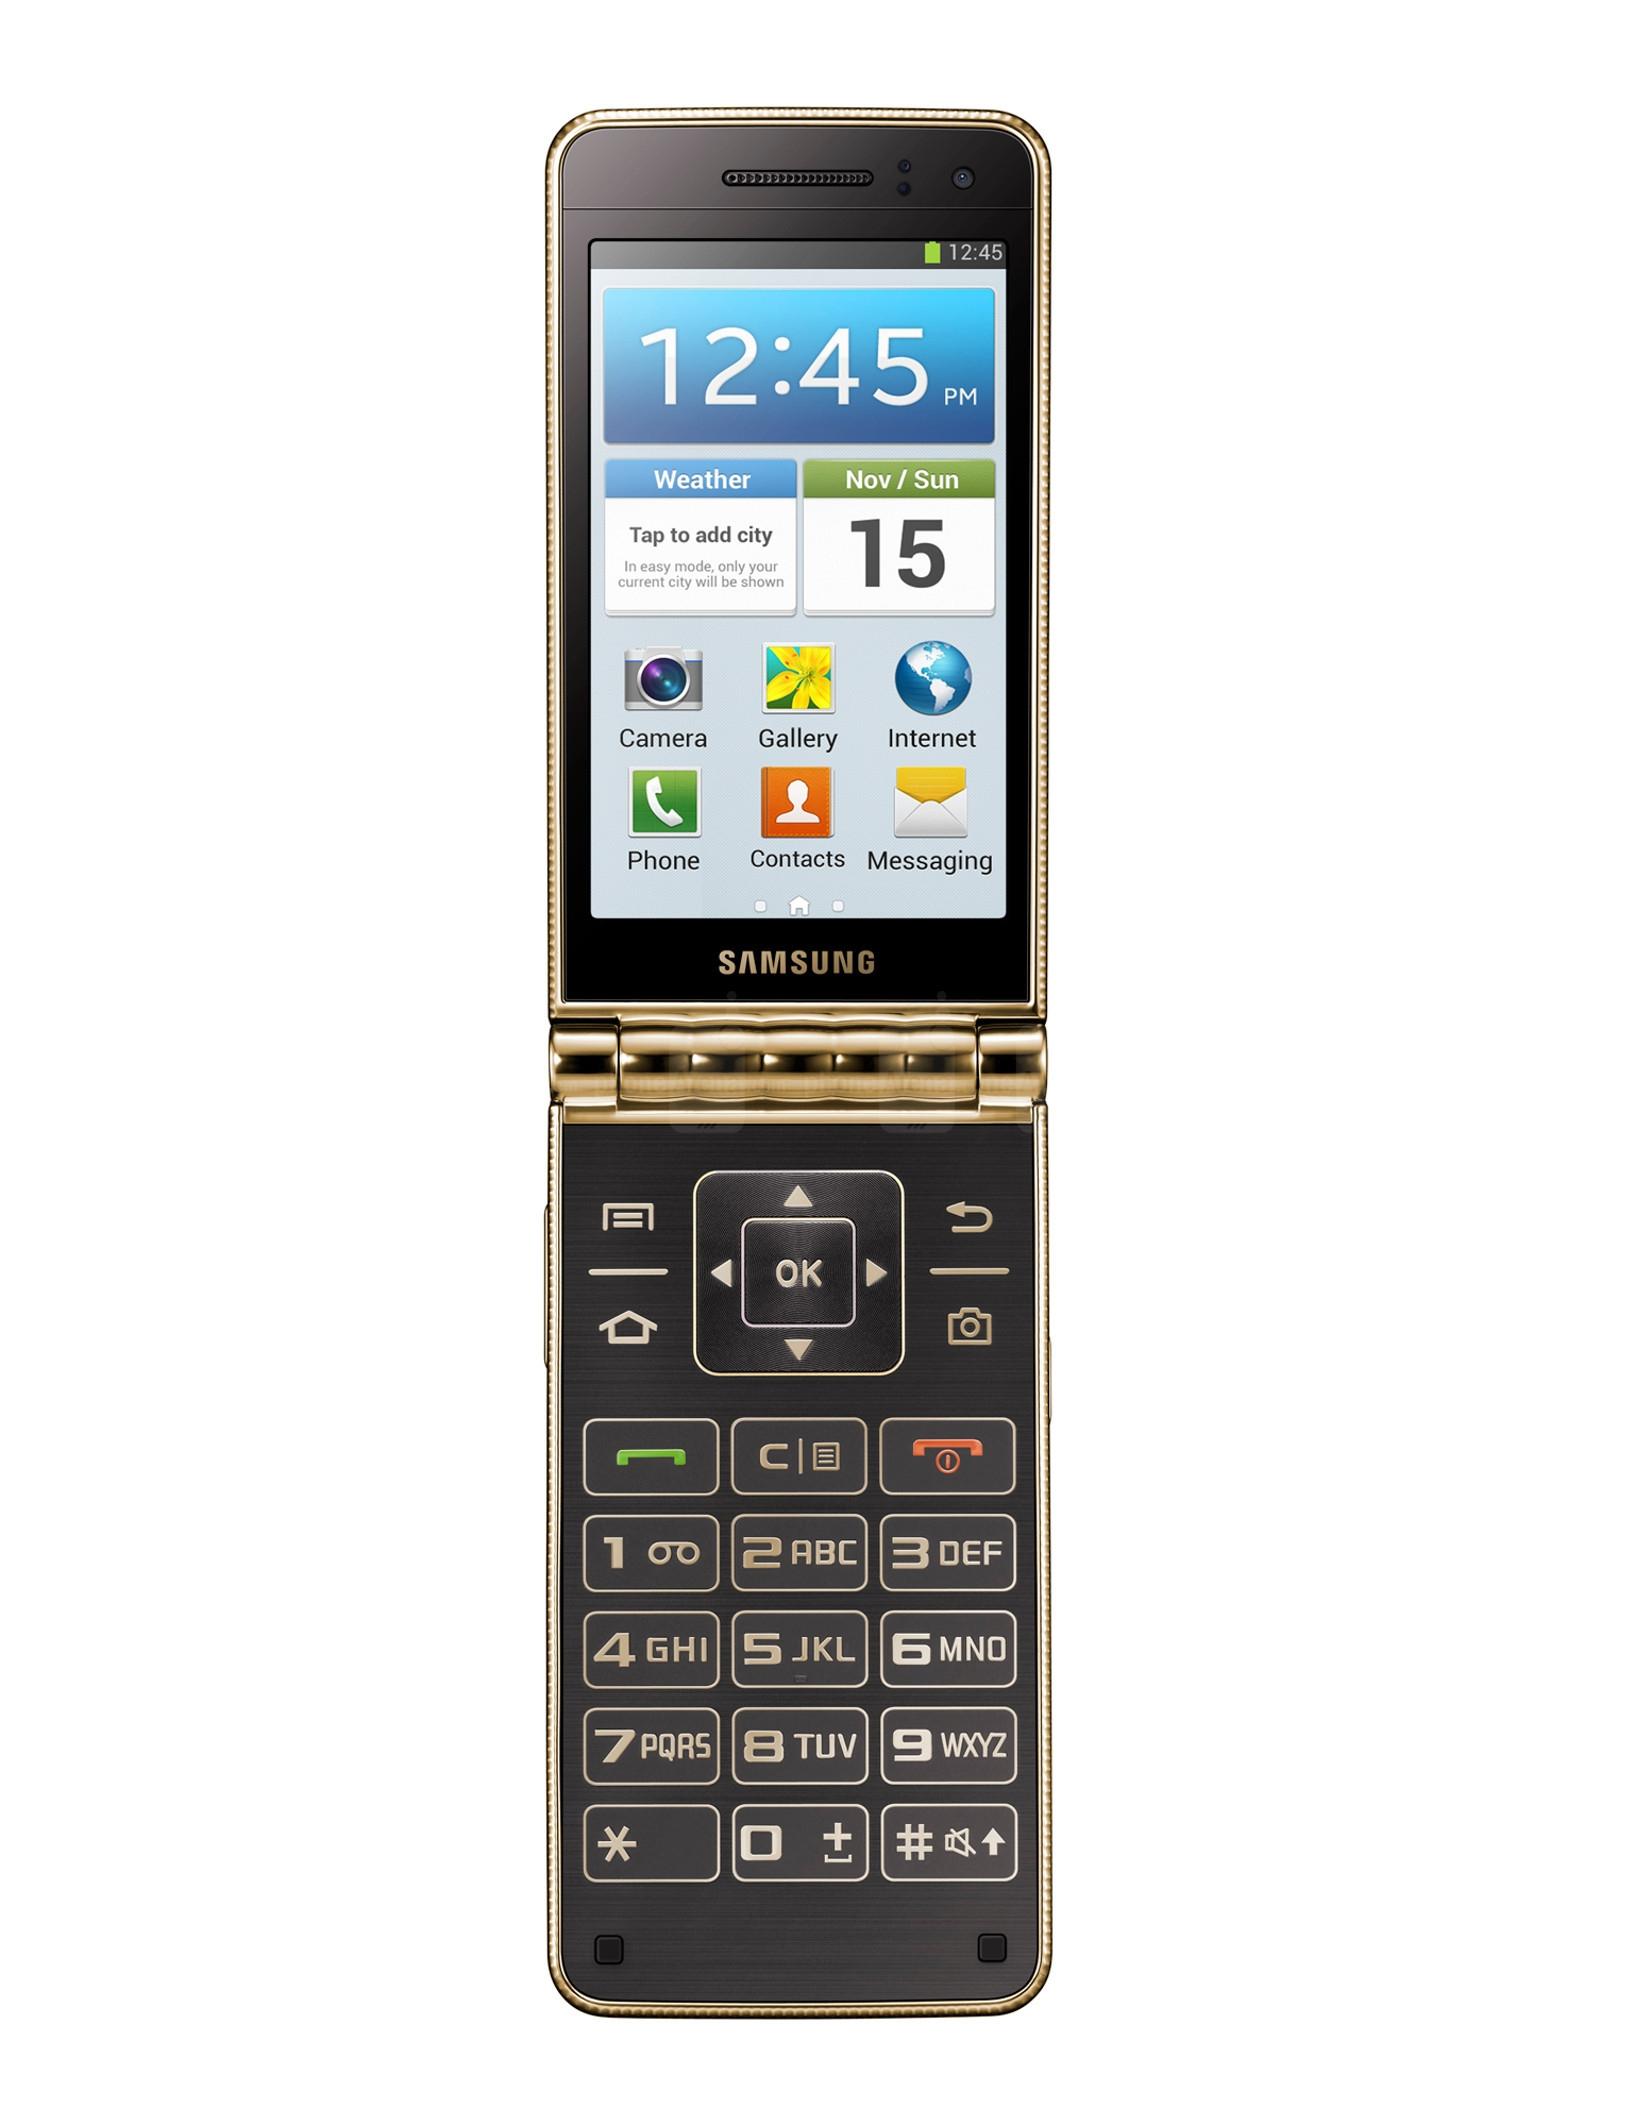 Galaxy Golden 3 มือถือฝาพับจาก Samsung ผ่านการรับรองจาก TENAA แล้ว!!